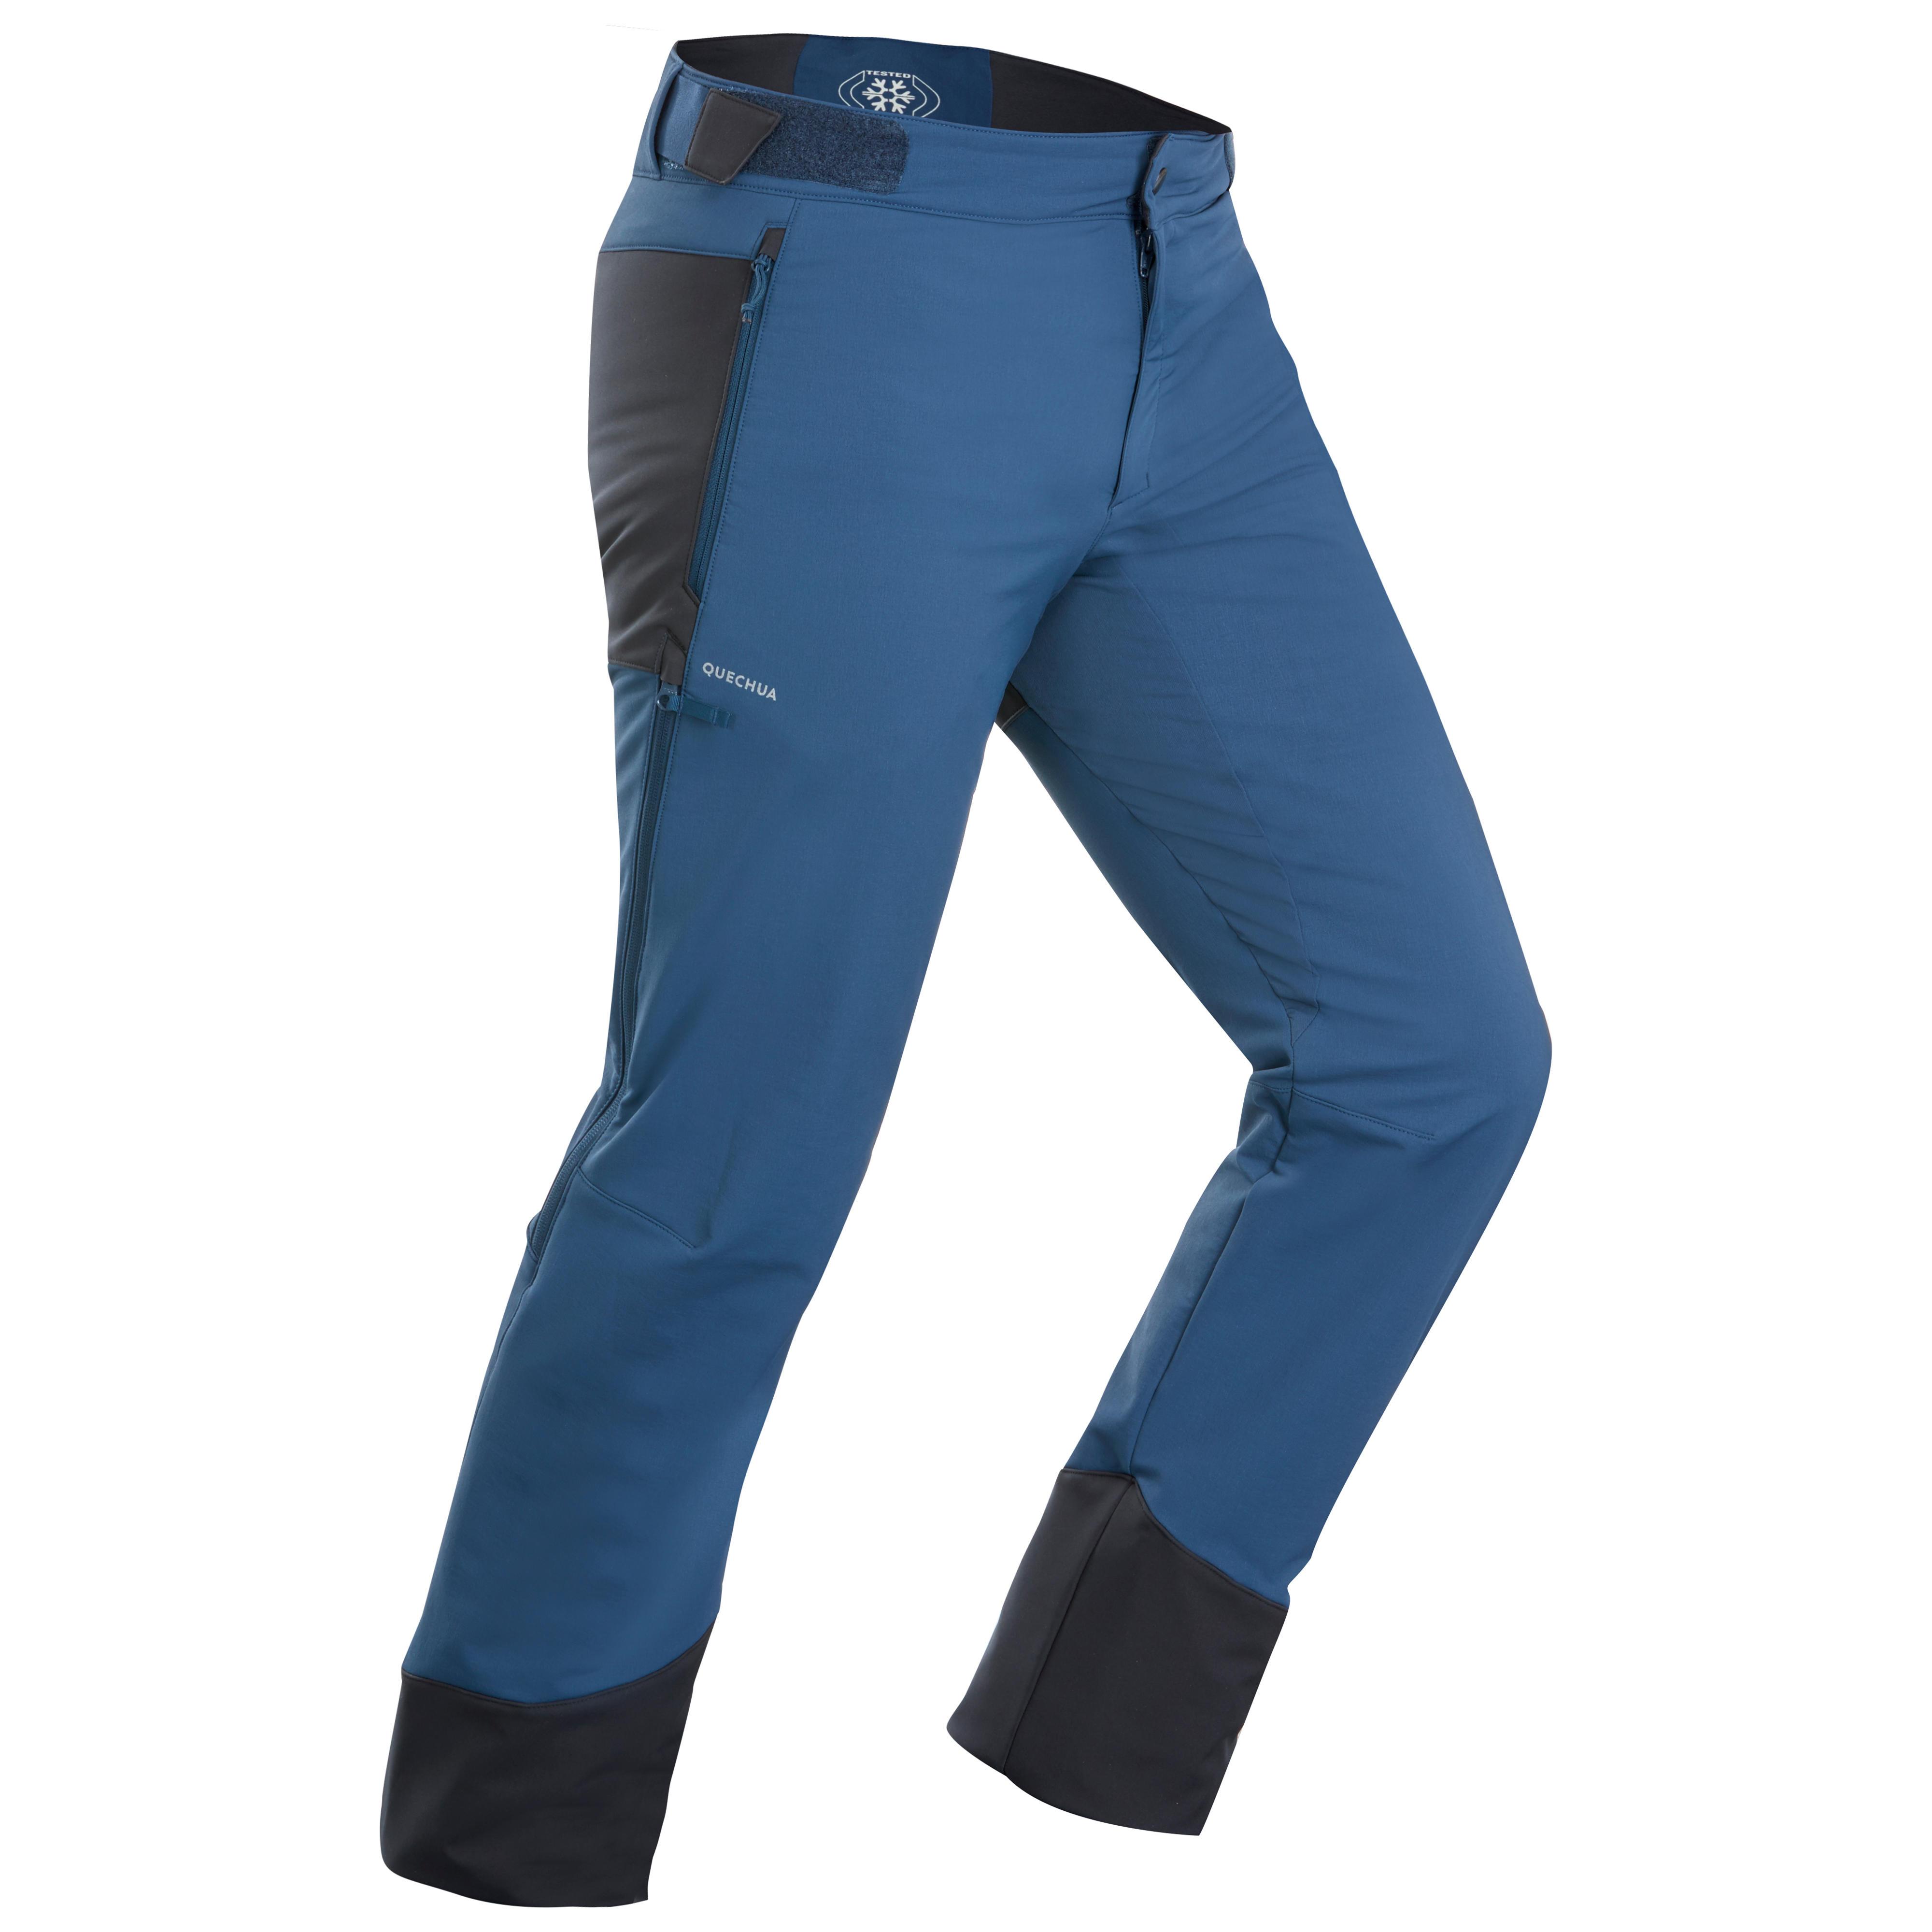 Pantalon SH520 X-Warm Bărbaţi imagine produs